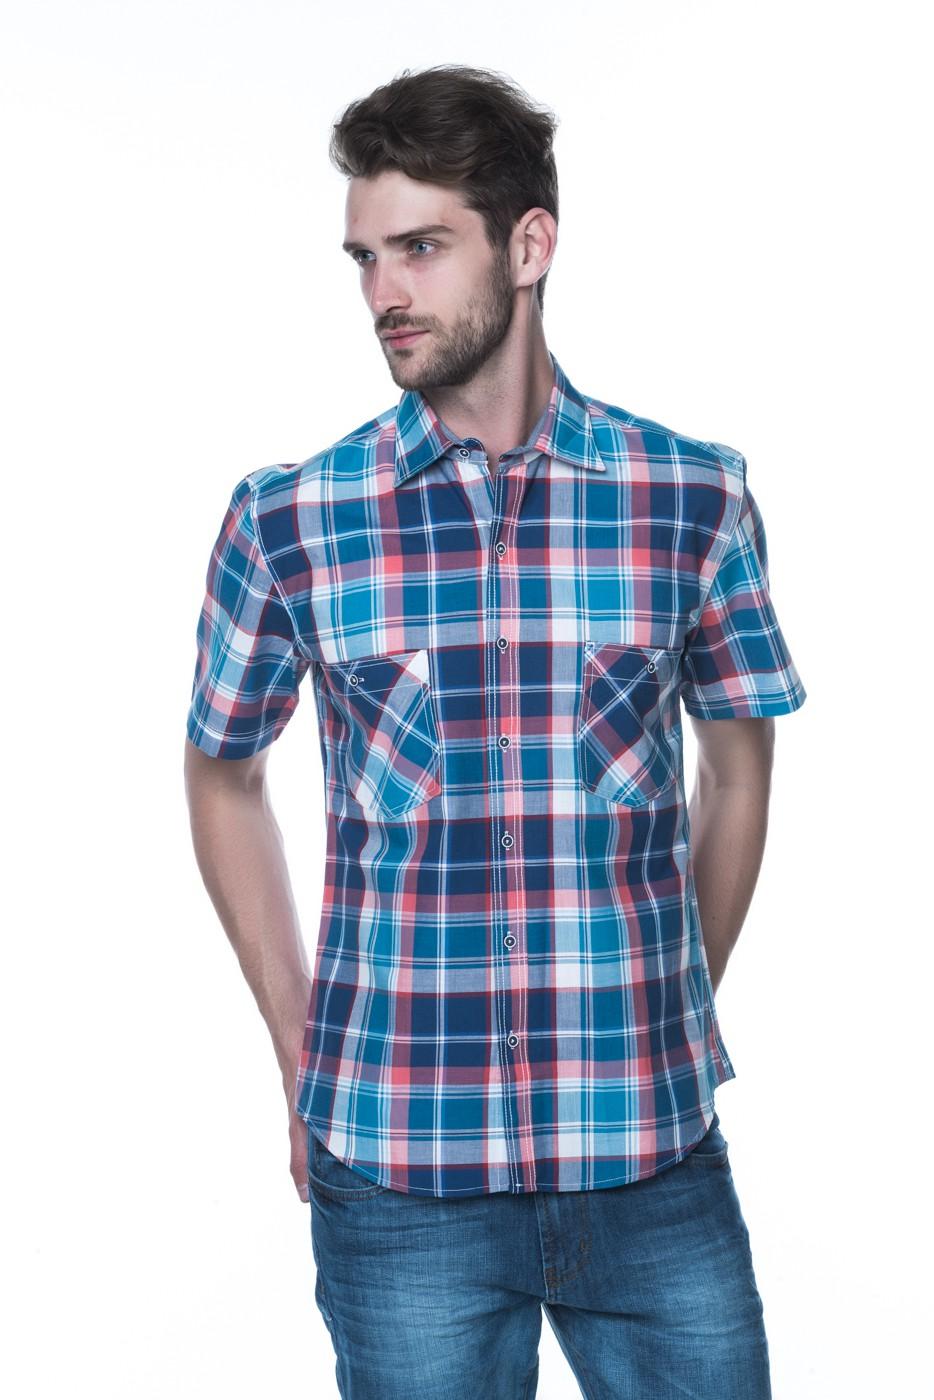 Сбор заказов. Весенние стильные луки на каждый день. Рубашки с коротким рукавом, футболки, поло, шорты, джинсы от Westrenger